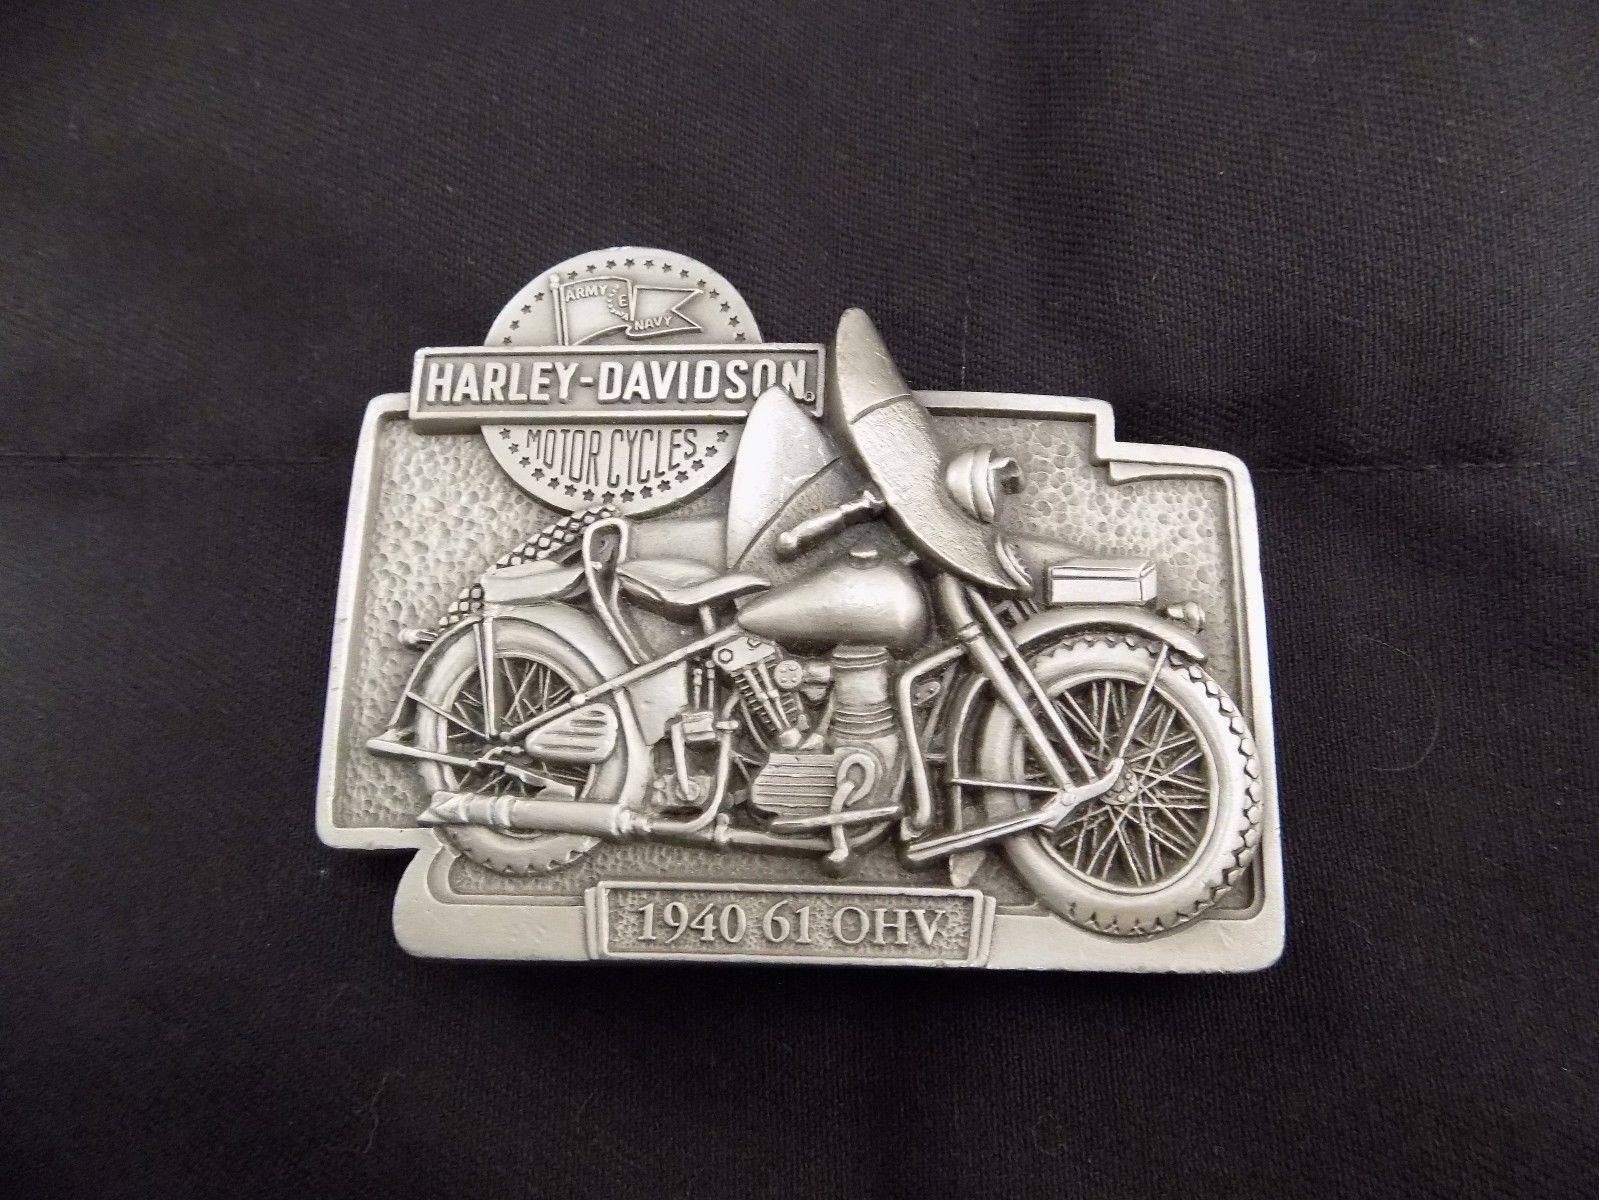 VINTAGE HARLEY DAVIDSON 1940 61 OHV FINE PEWTER BELT BUCKLE PRE-OWNED 2BBA